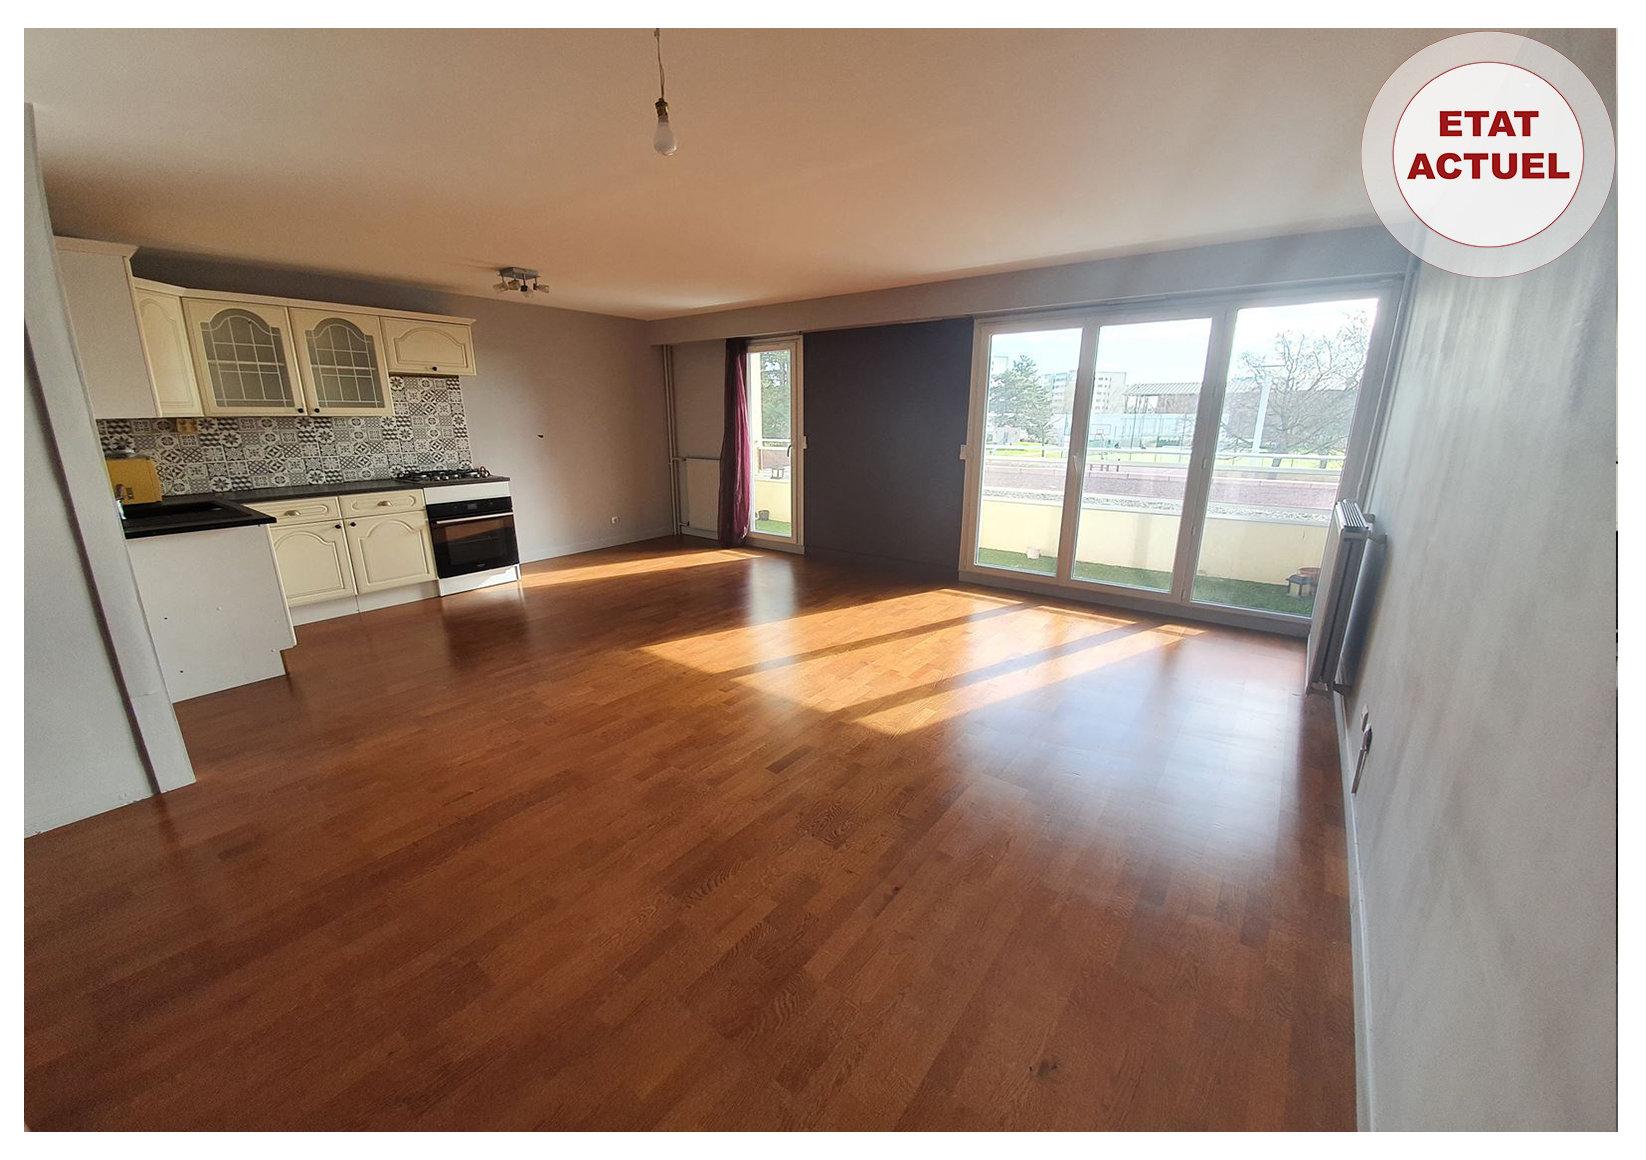 RILLIEUX-LA-PAPE - Bel appartement de 47 m2 avec Balcon